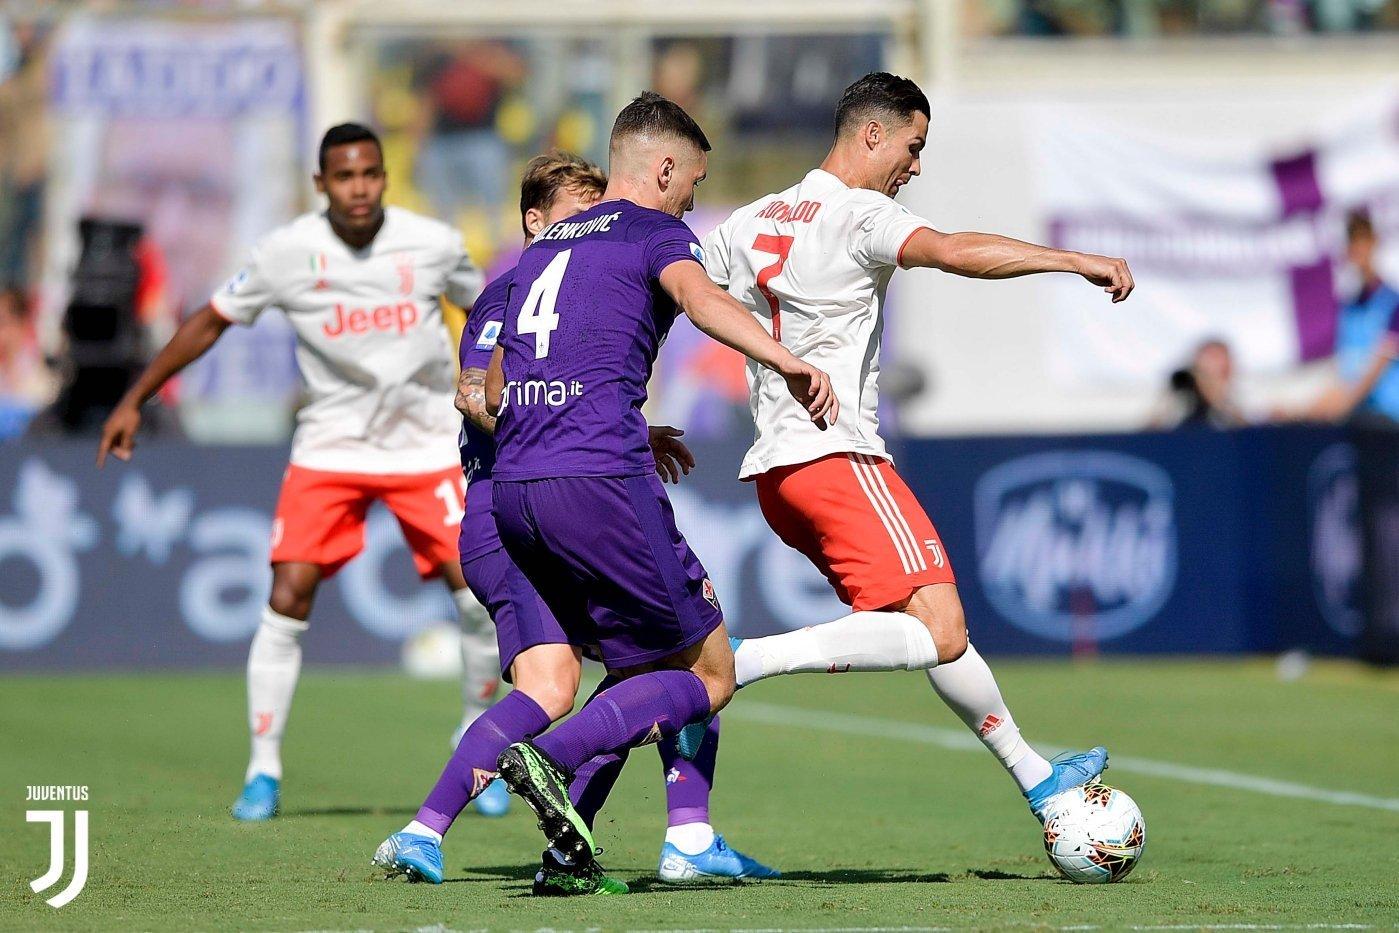 Juventus,Fiorentina,Fiorentina vs Juventus,Serie A